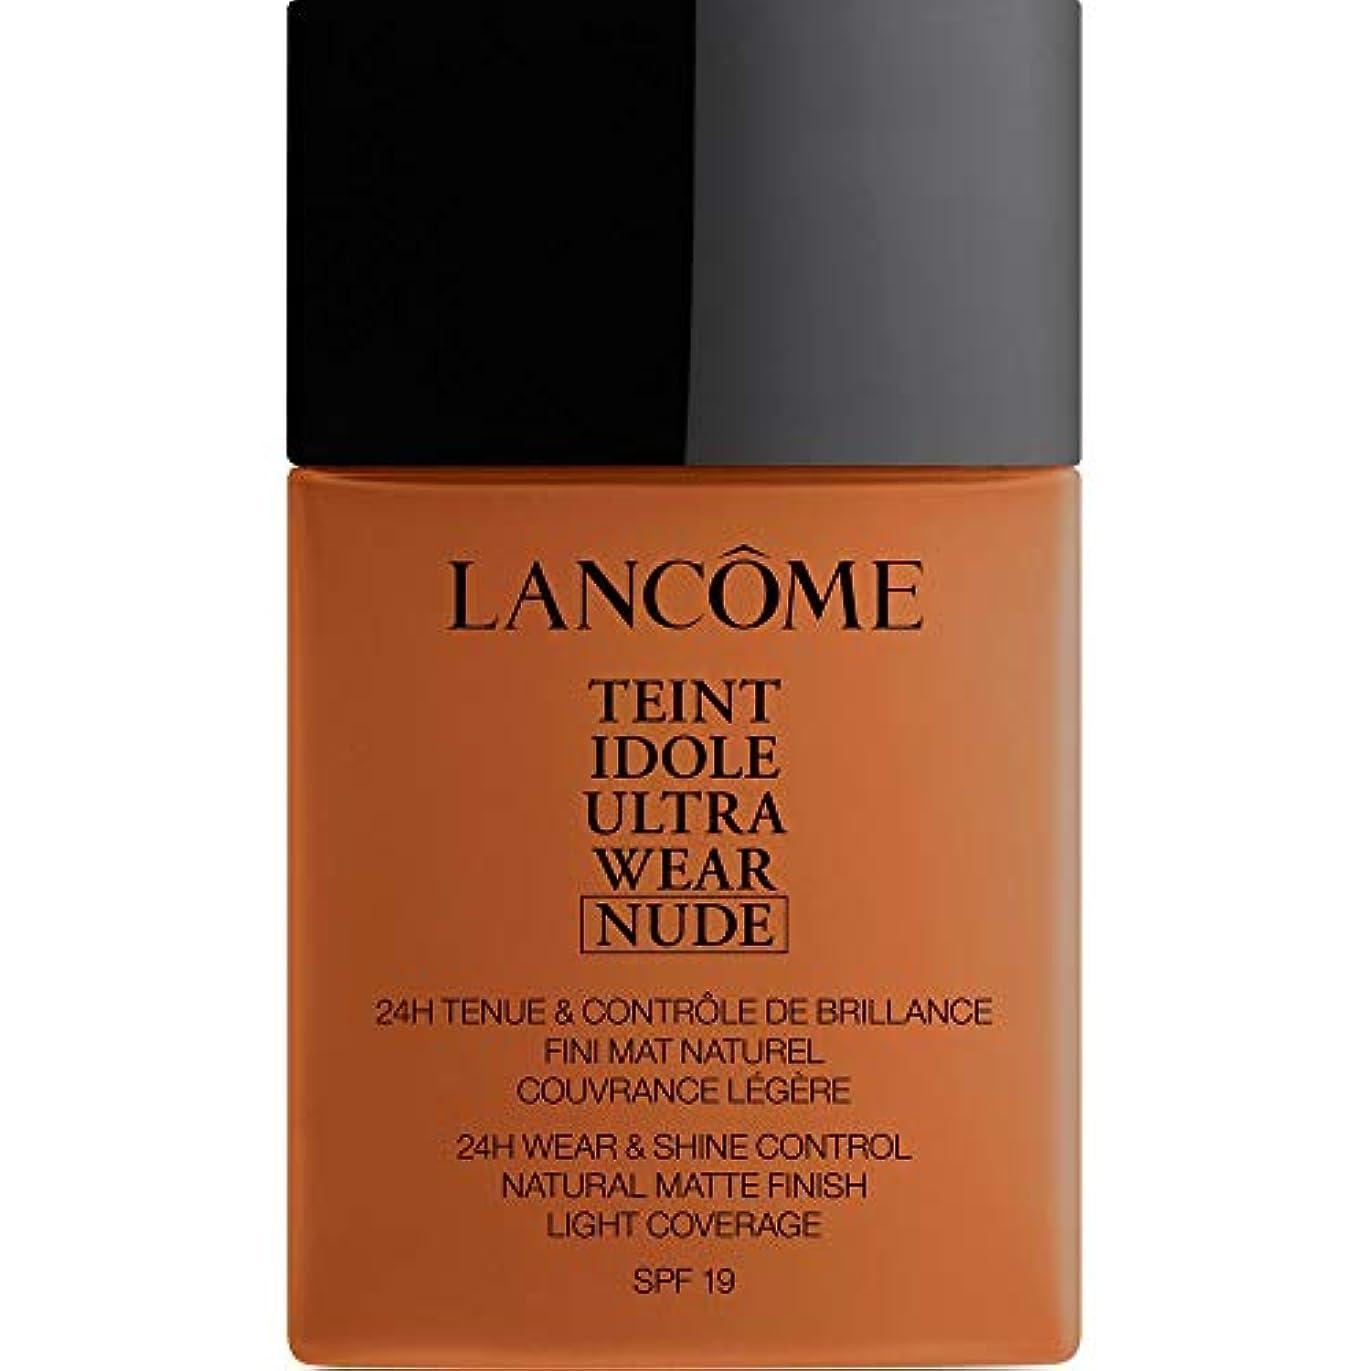 ケニアラッカストランクライブラリ[Lanc?me ] アンブレ - ランコムTeintのIdoleは、超ヌード基礎Spf19の40ミリリットル12を着用します - Lancome Teint Idole Ultra Wear Nude Foundation...